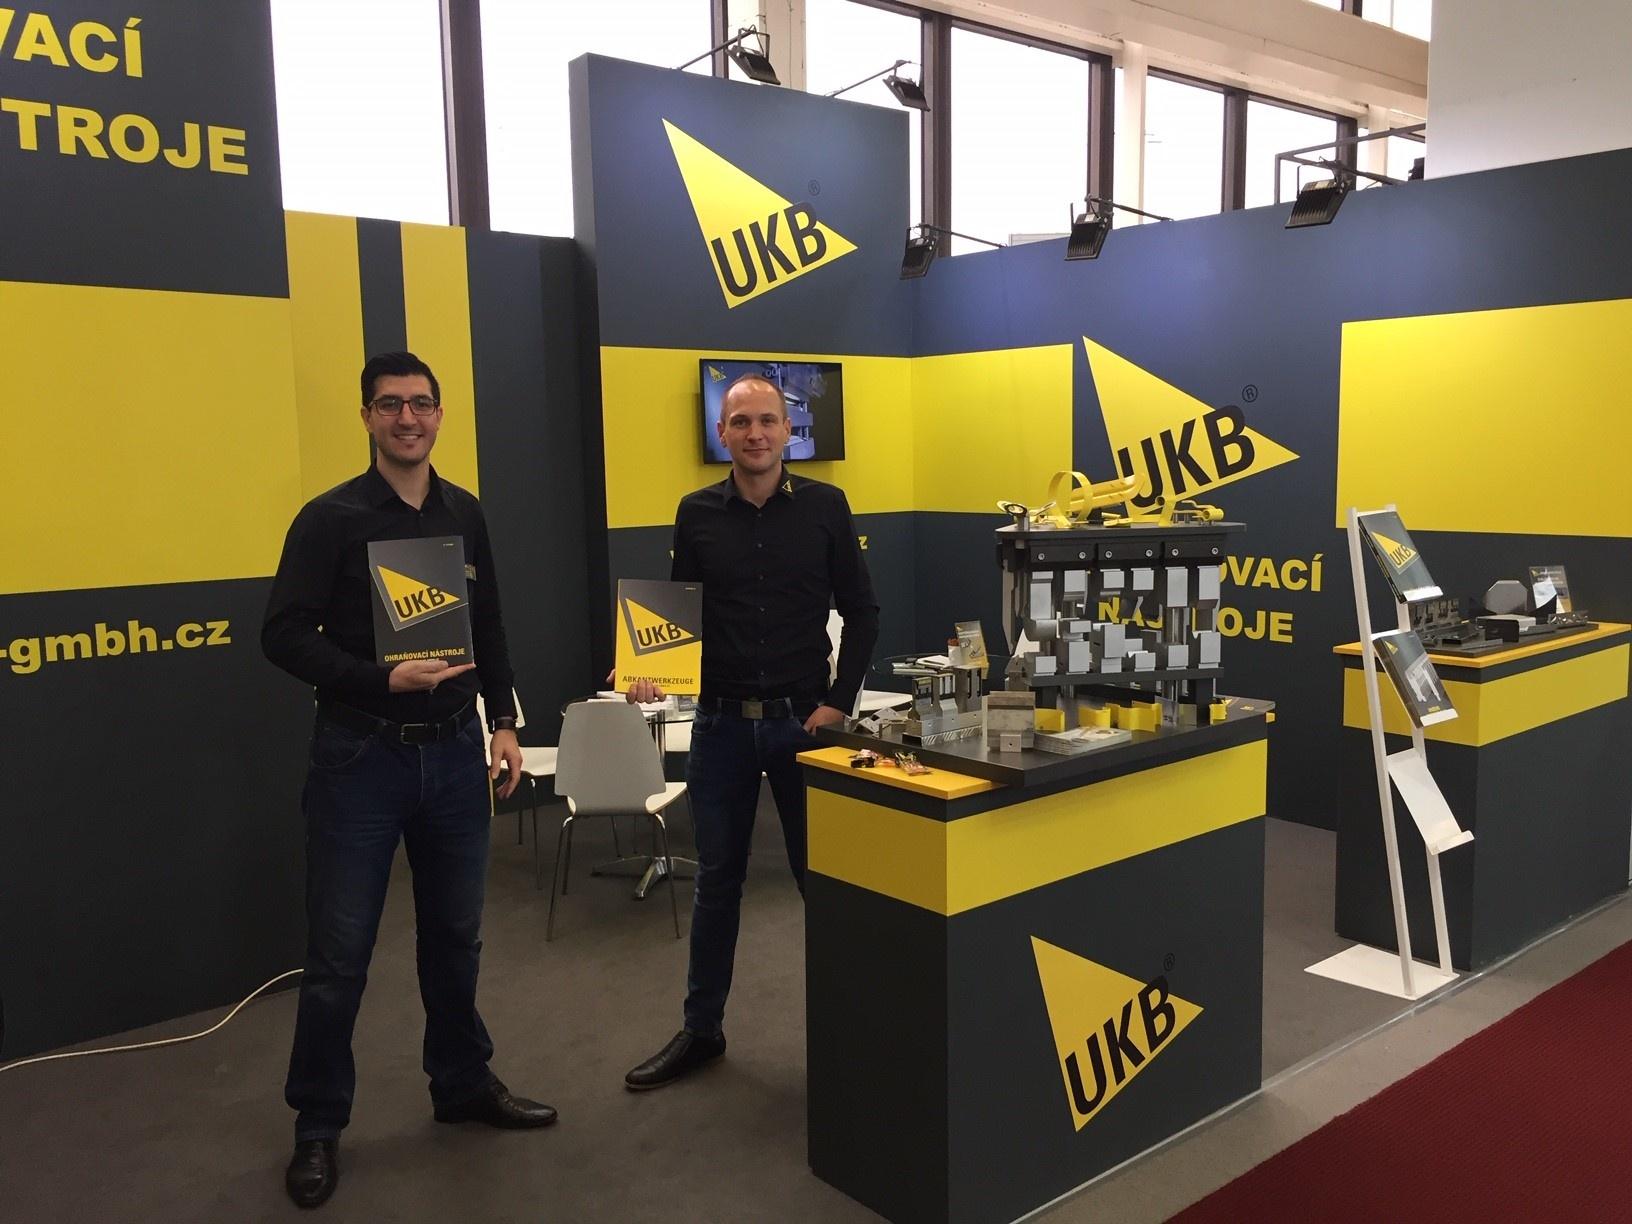 UKB @ MSV exhibition v Brno (CZ)